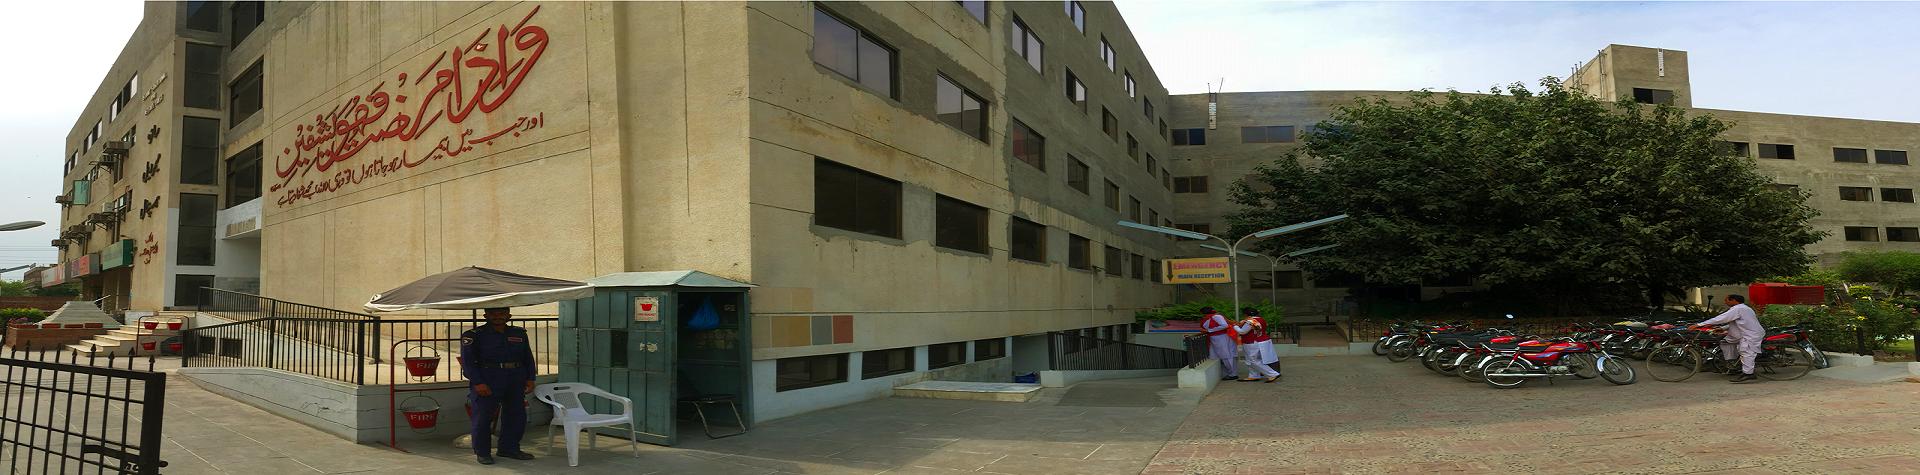 Saira memorial hospital building